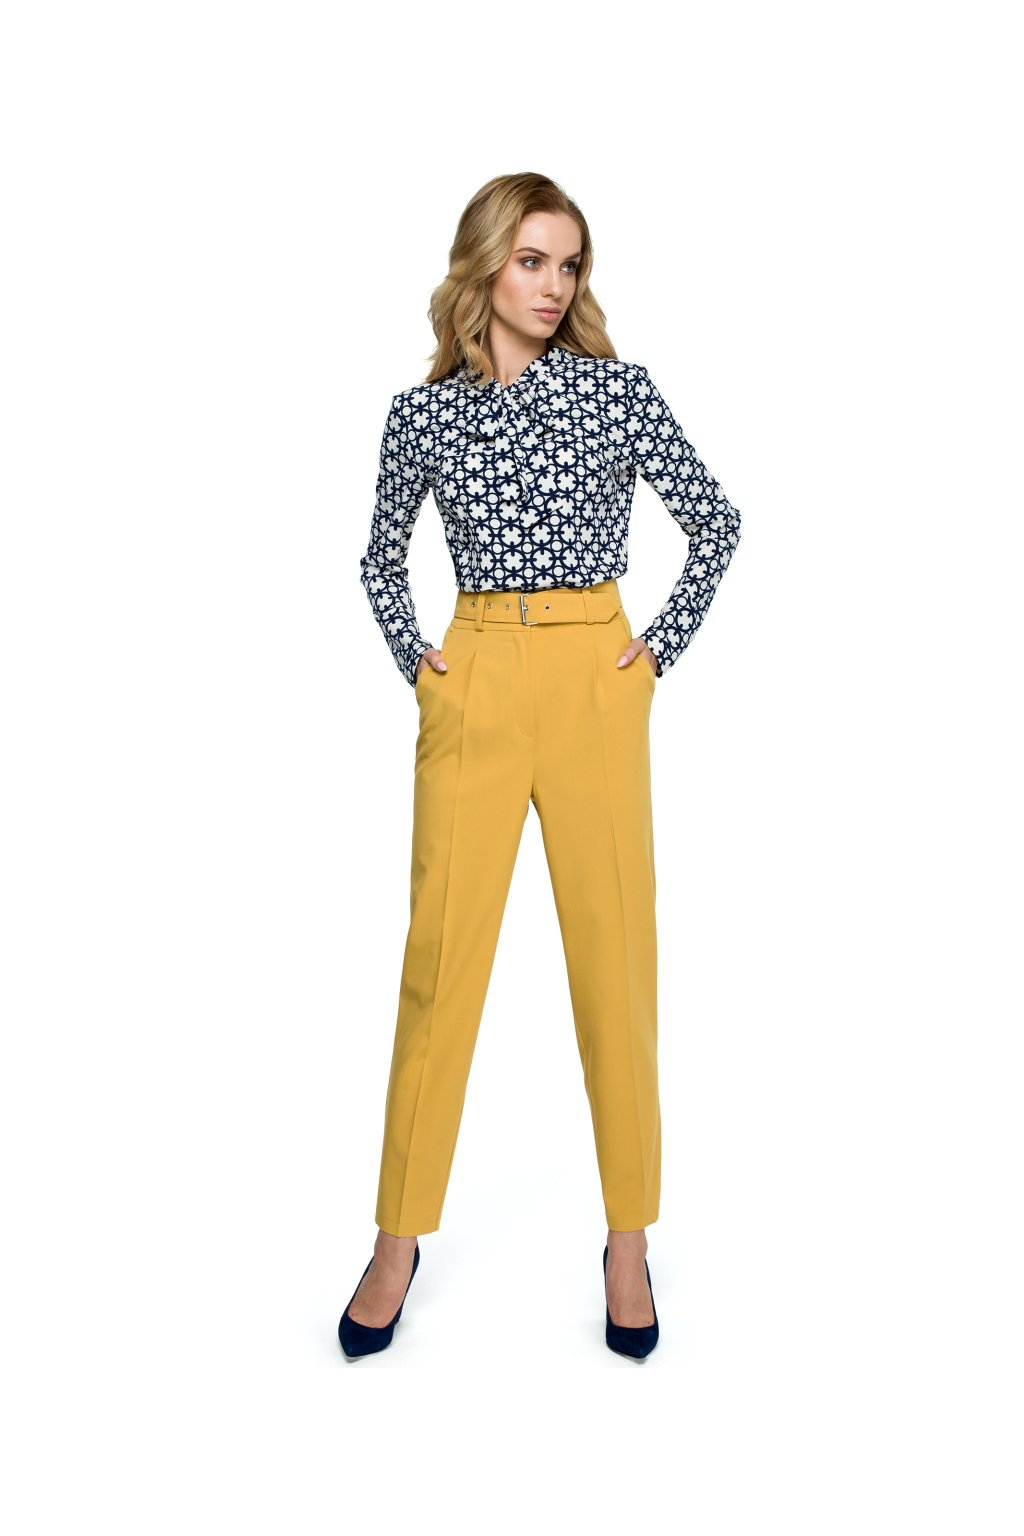 s124 Zlute kalhoty 1